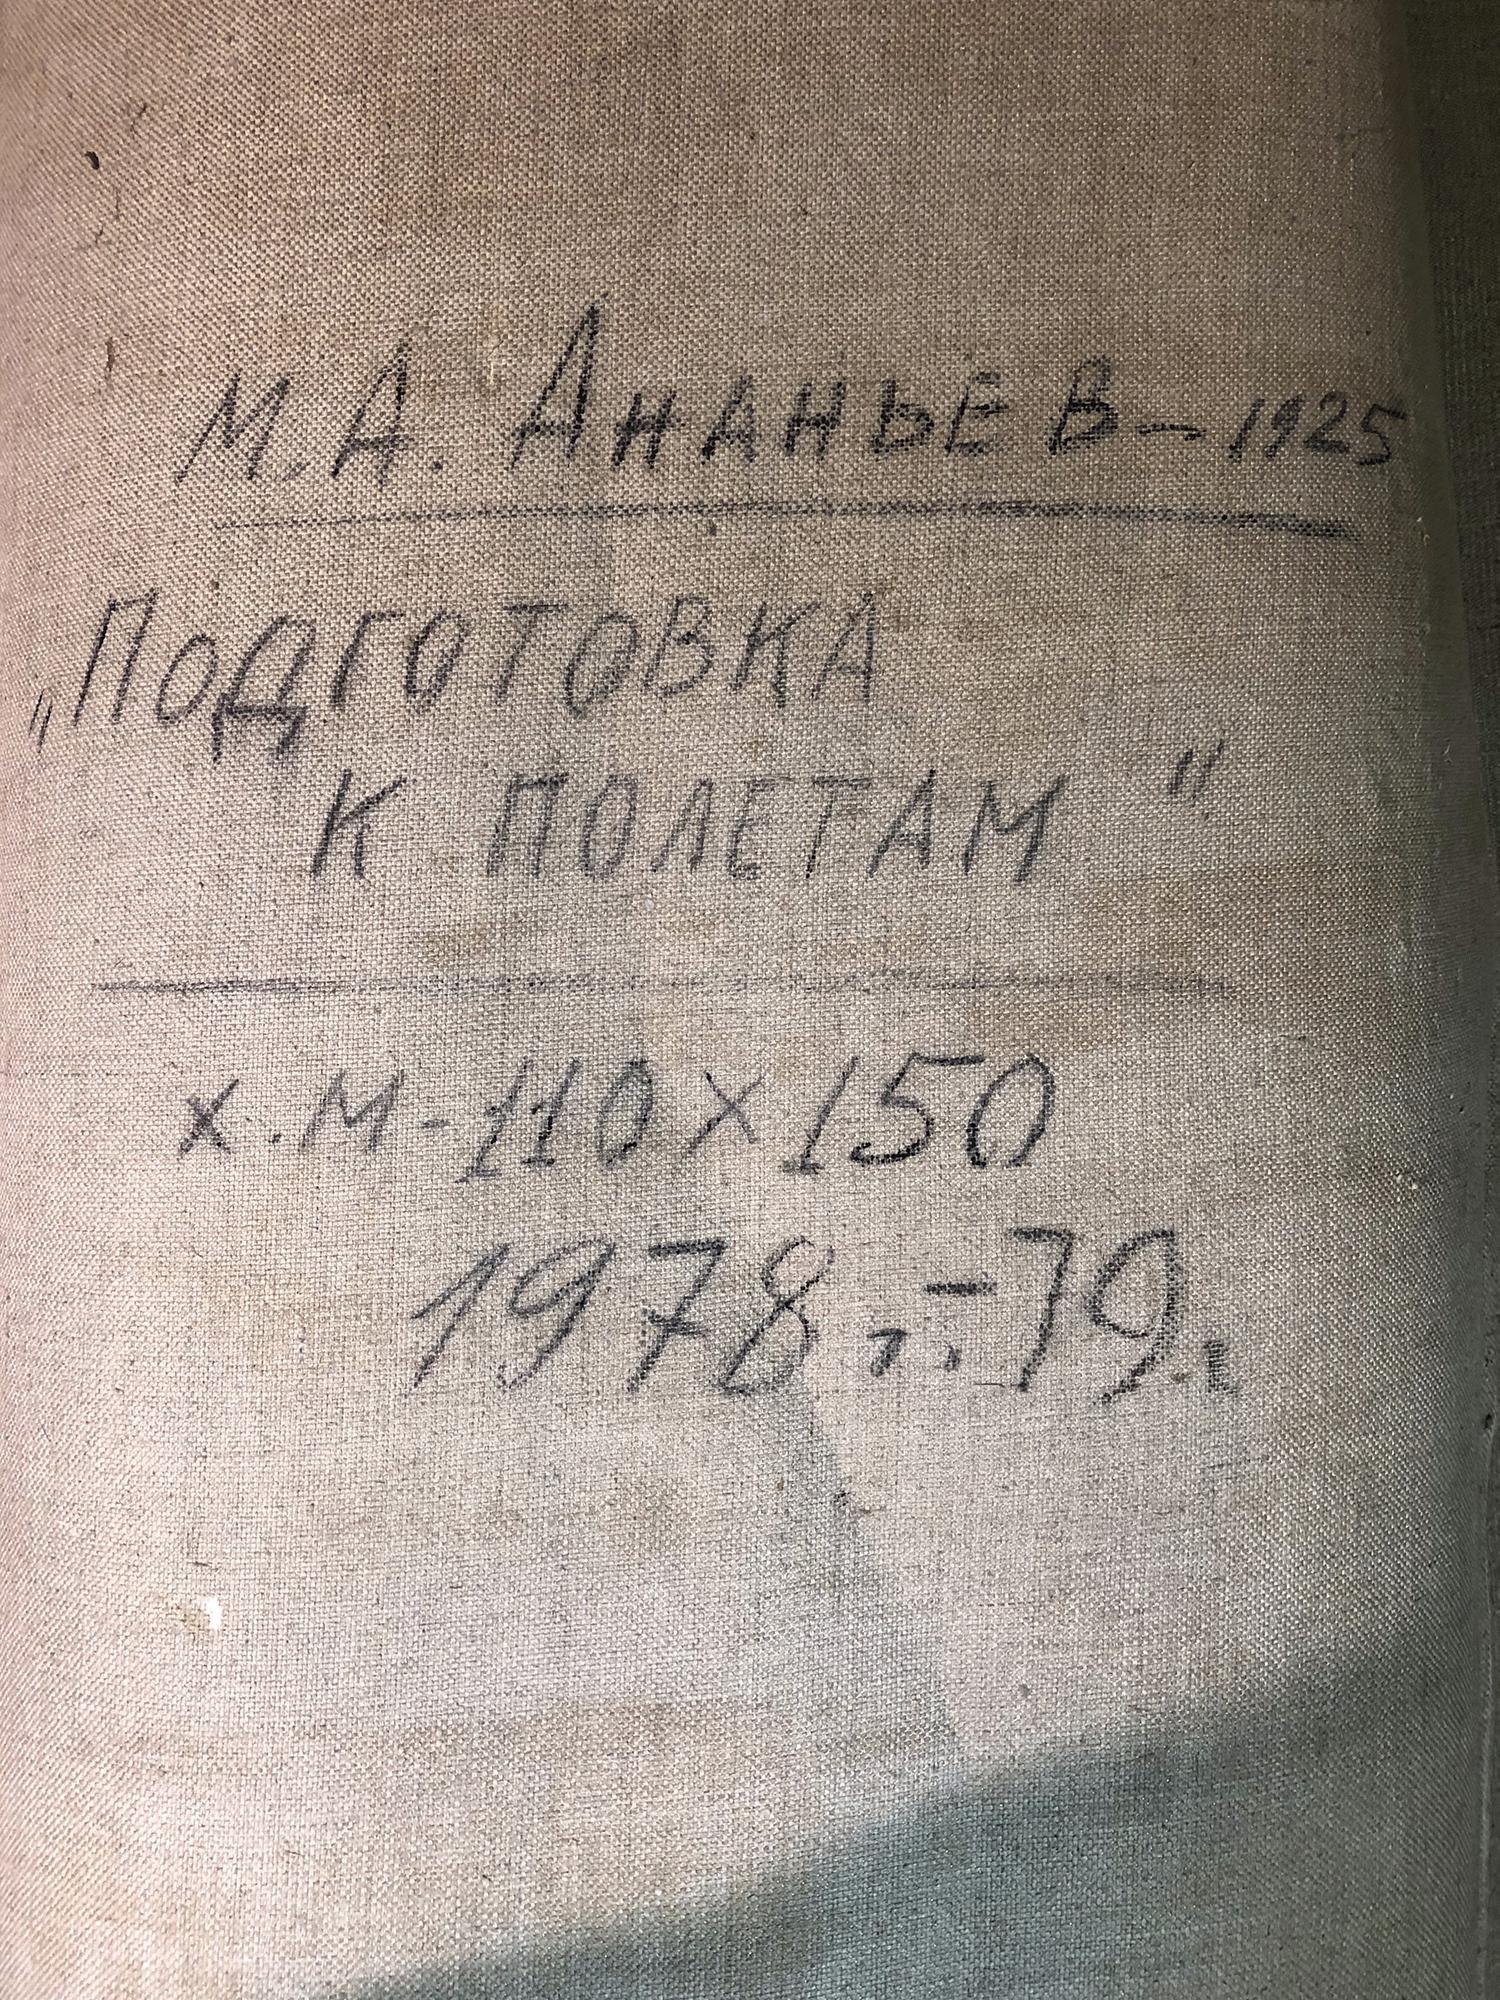 Оборот. Ананьев Михаил Ананьевич. Подготовка к полётам